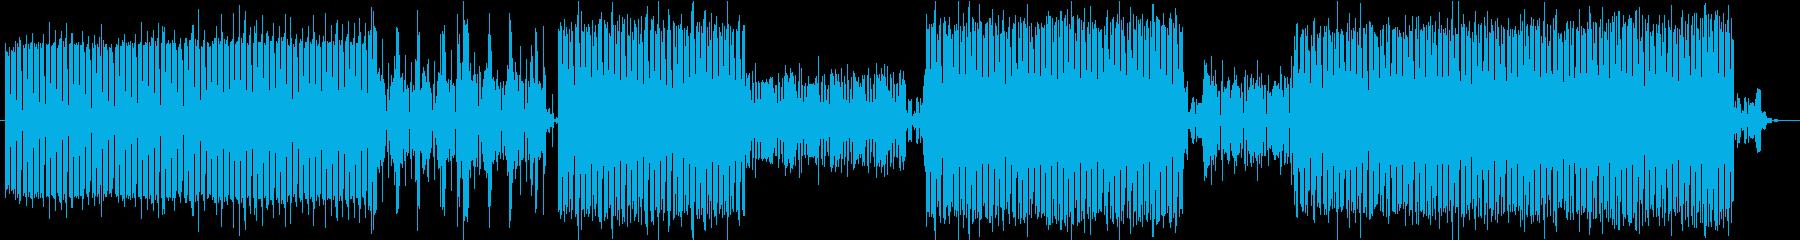 電気楽器。スペーシーな雰囲気のある...の再生済みの波形